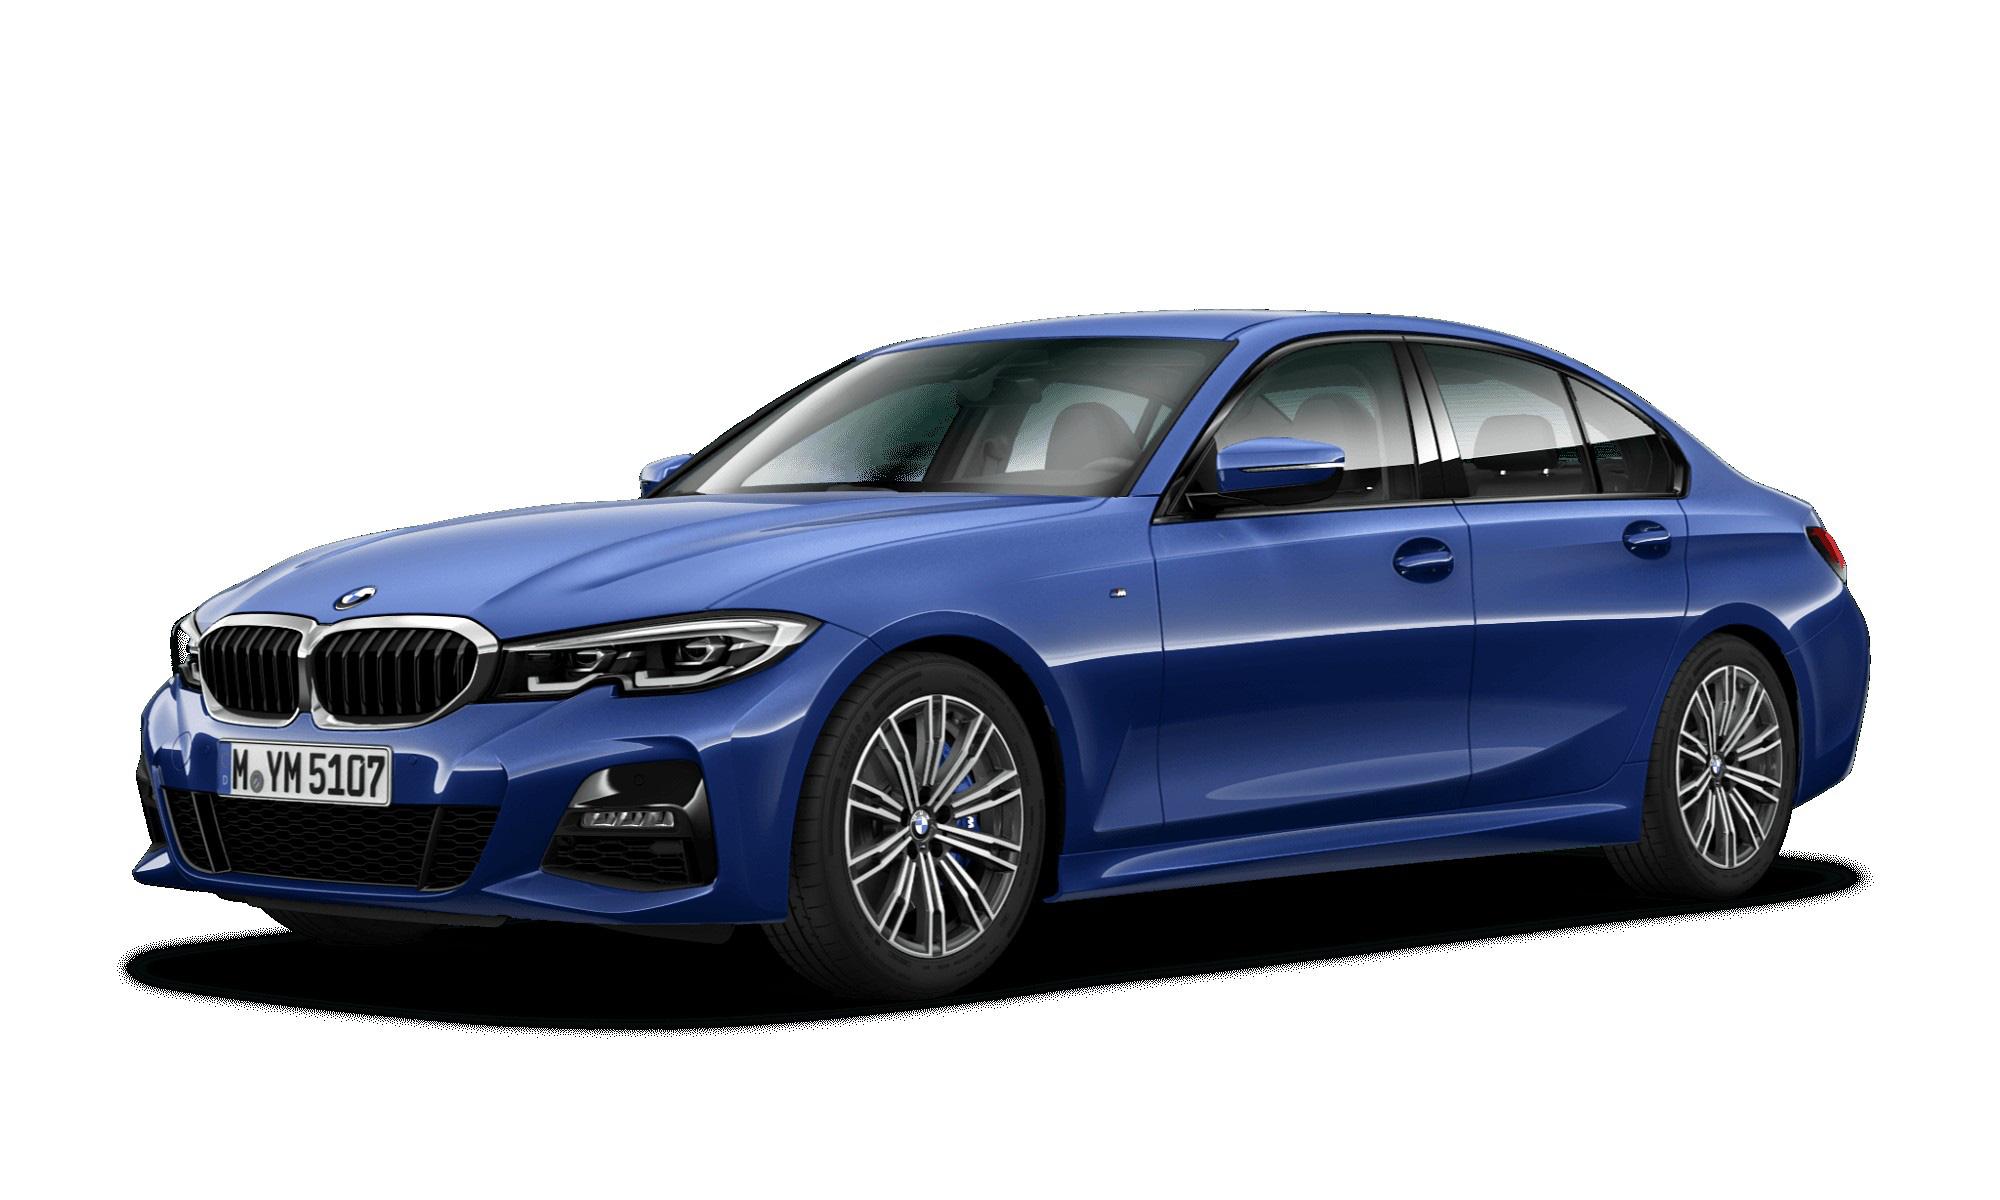 THACO ra mắt 10 mẫu BMW mới ngay tuần sau, đối đầu Mercedes-Benz khắp các phân khúc - Ảnh 3.